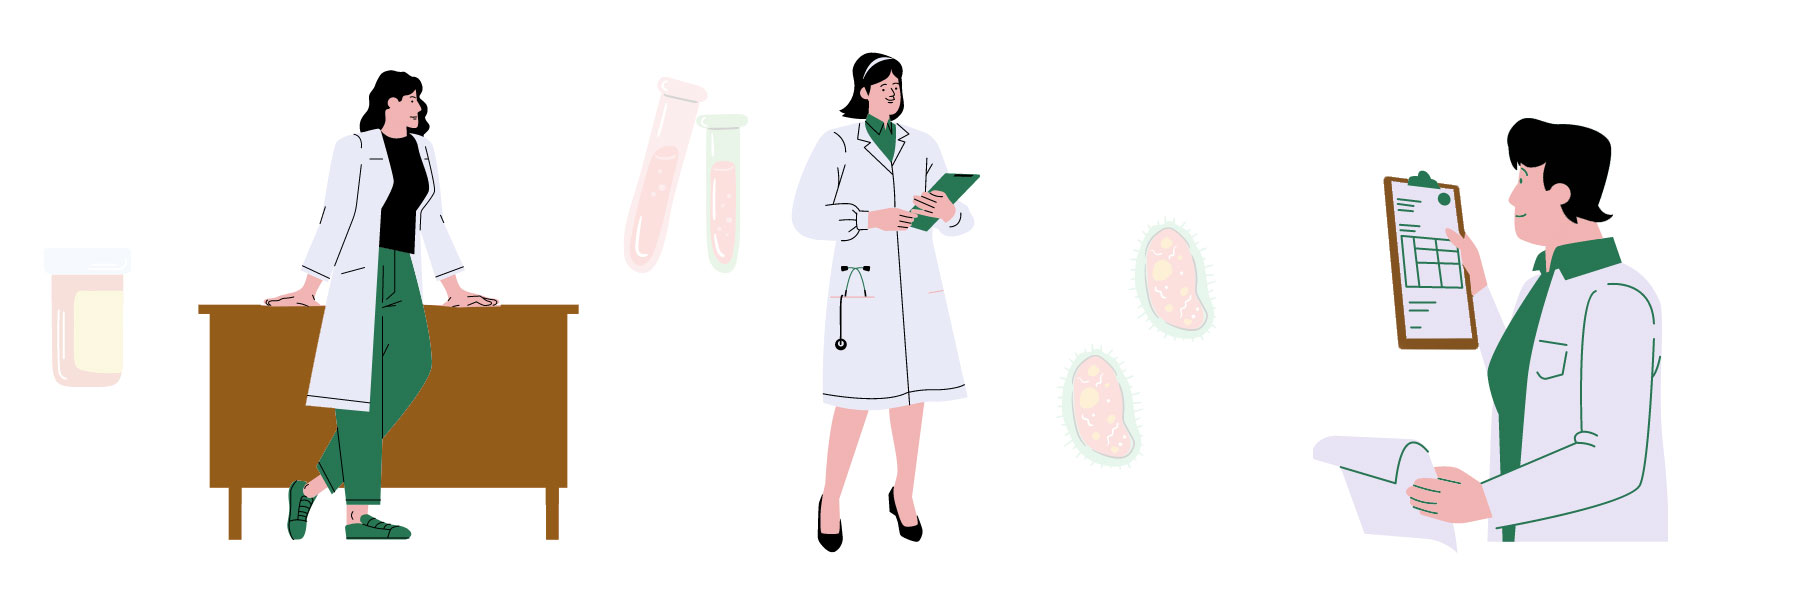 laboratorio-analisi-mediche-san-giorgio-pavia-san-genesio-uniti-milano-12